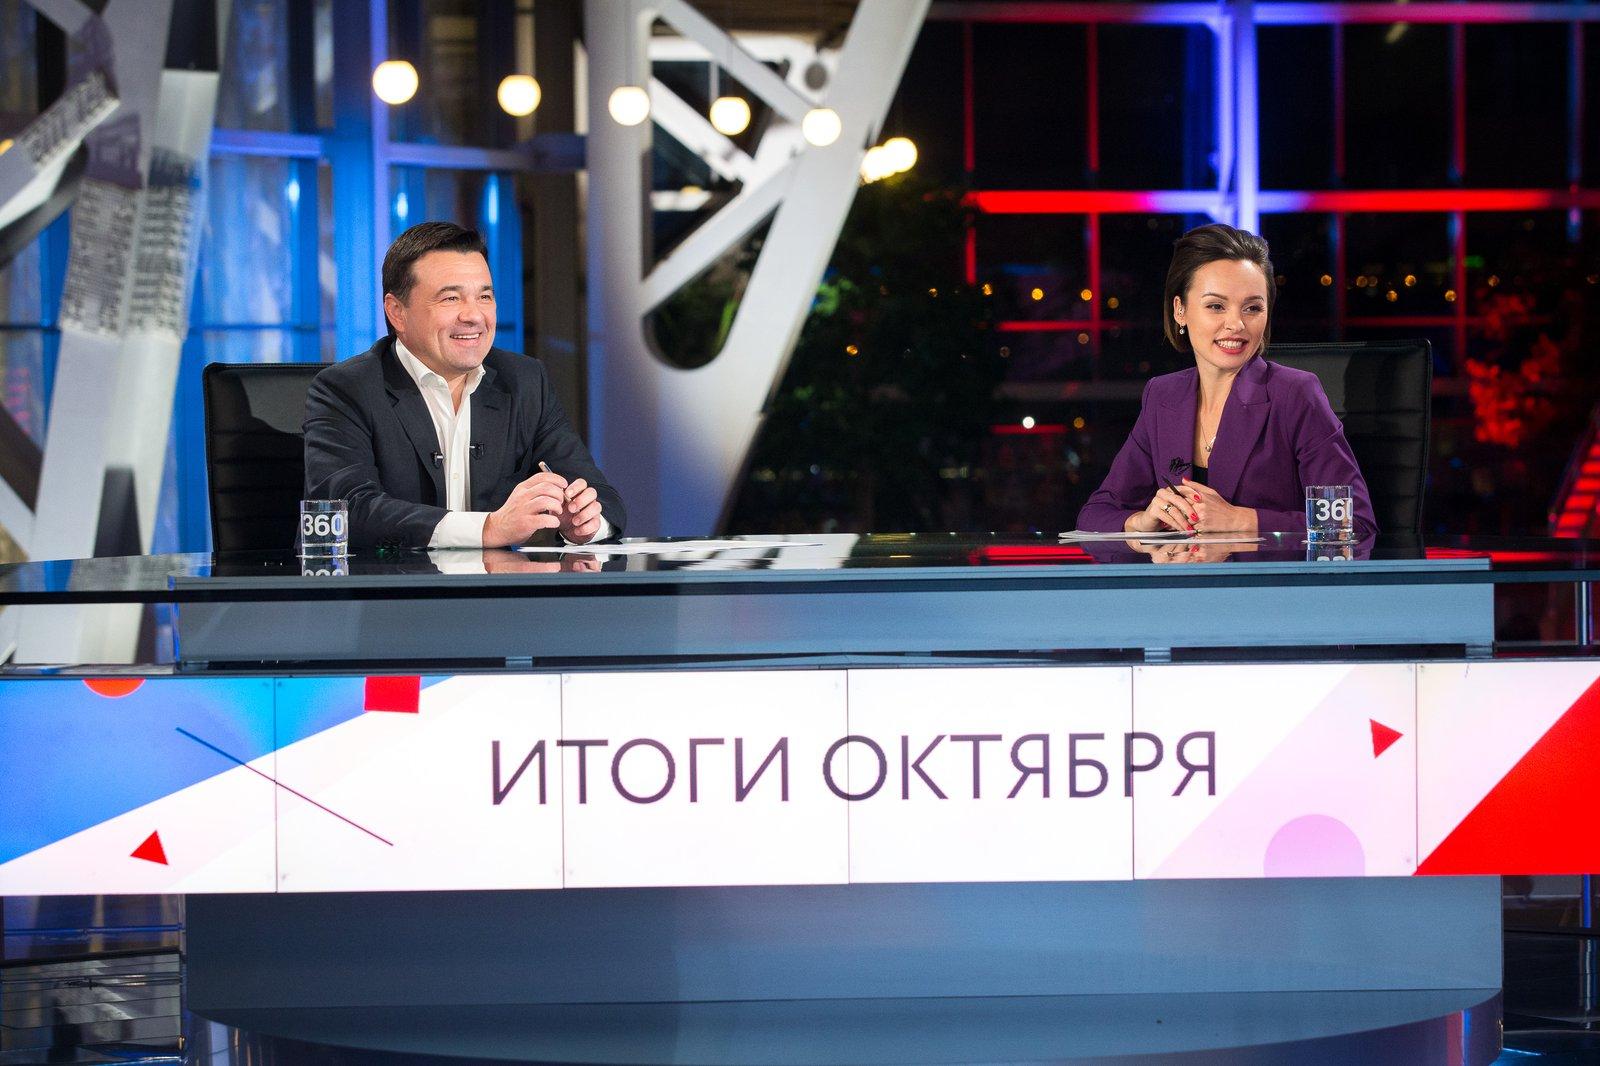 Андрей Воробьев губернатор московской области - Что мы строим, развиваеи и совершенствуем в Подмосковье: итоговый эфир на «360°»